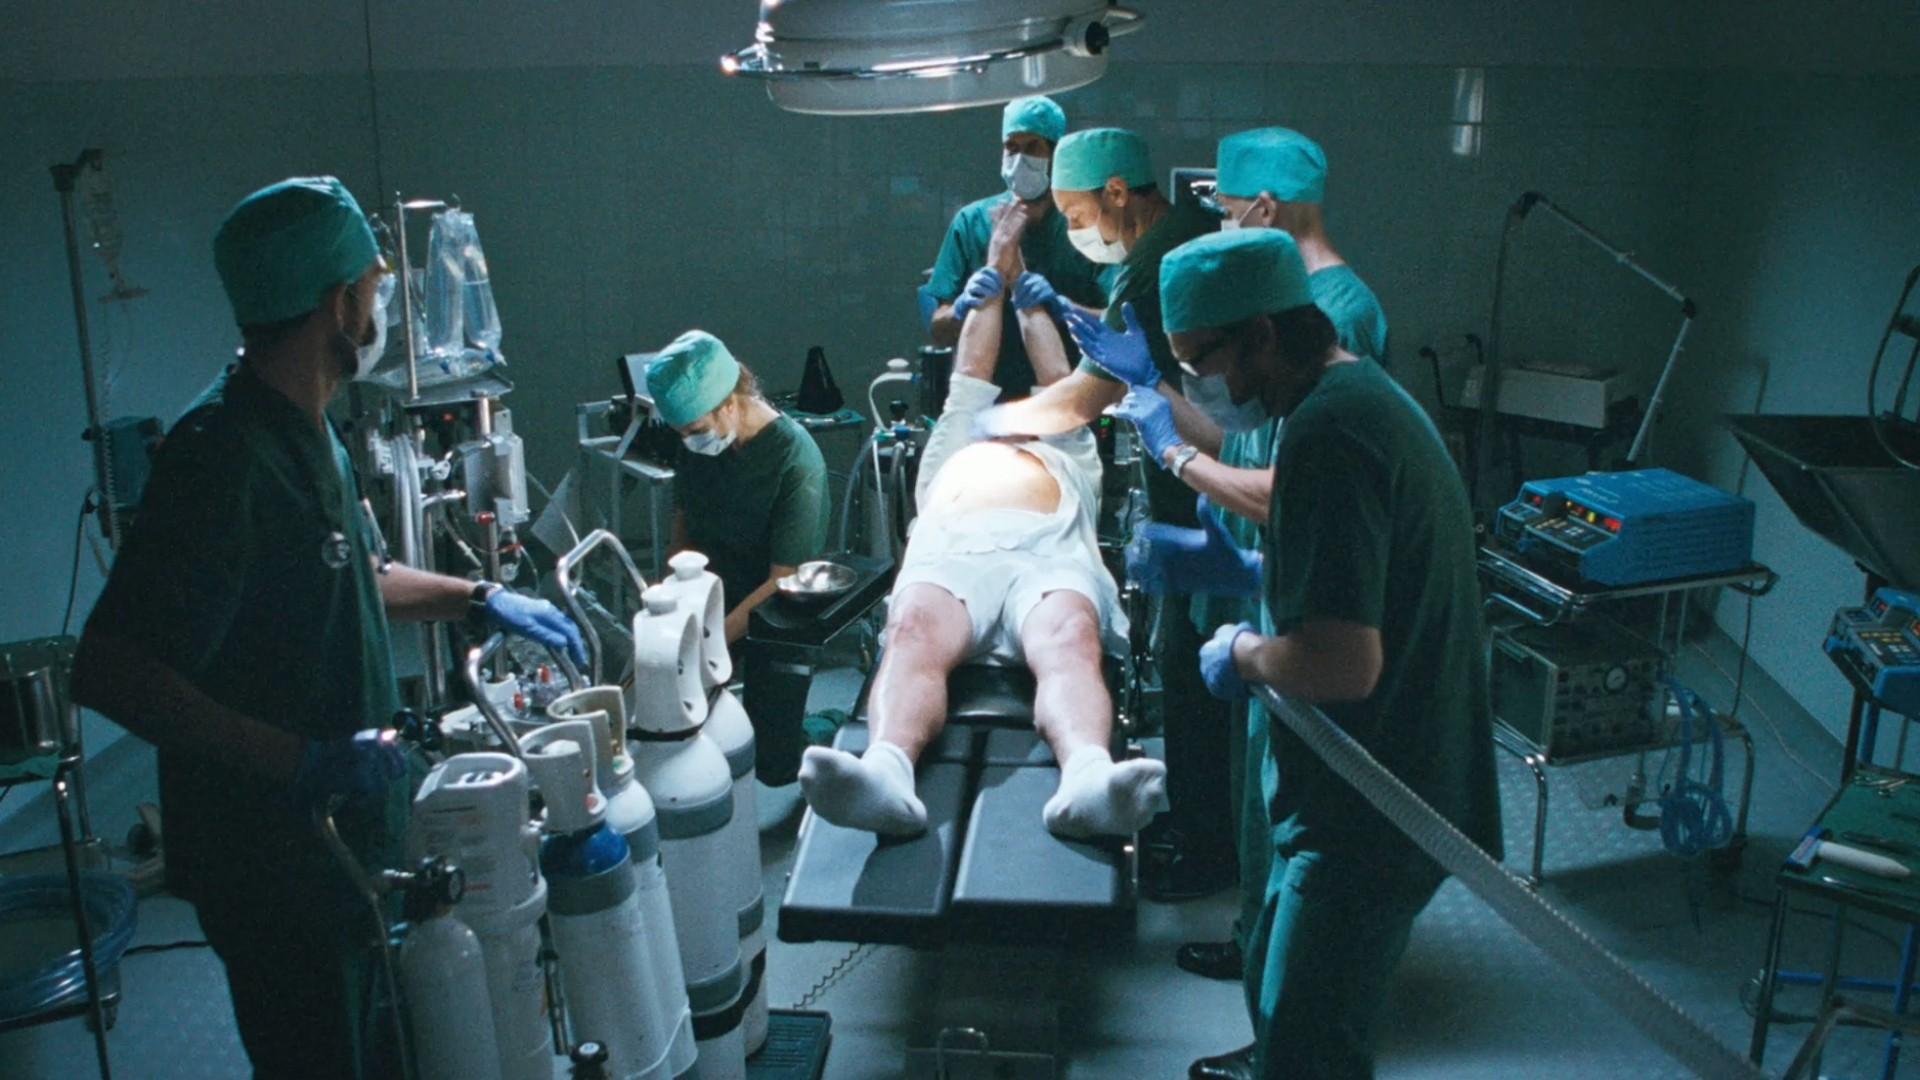 Quelle meilleure idée que d'utiliser un patient bien en chair et du matériel médical pour faire de la musique ?